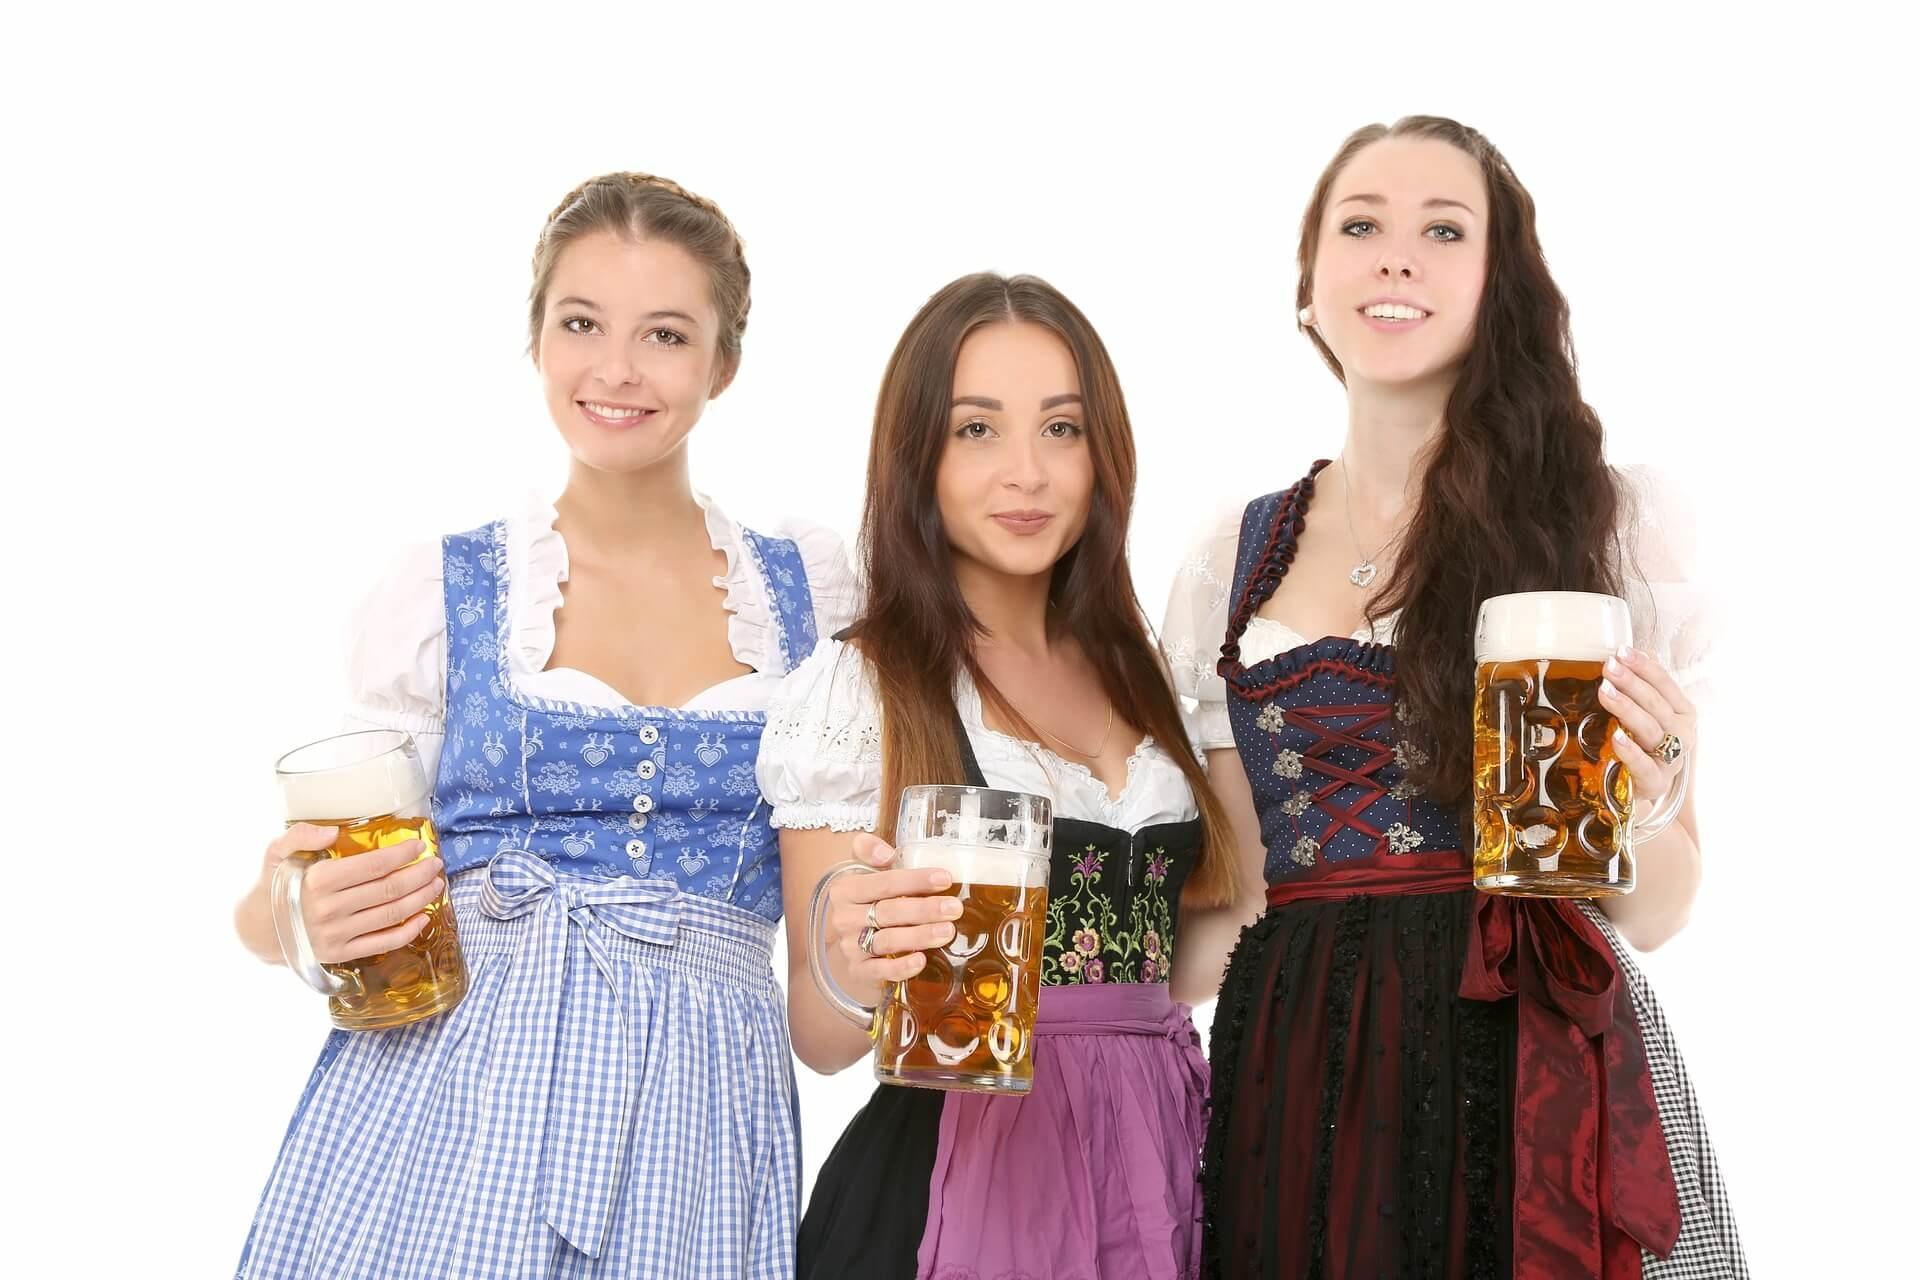 Die Bier trinkende Frau unter der Lupe